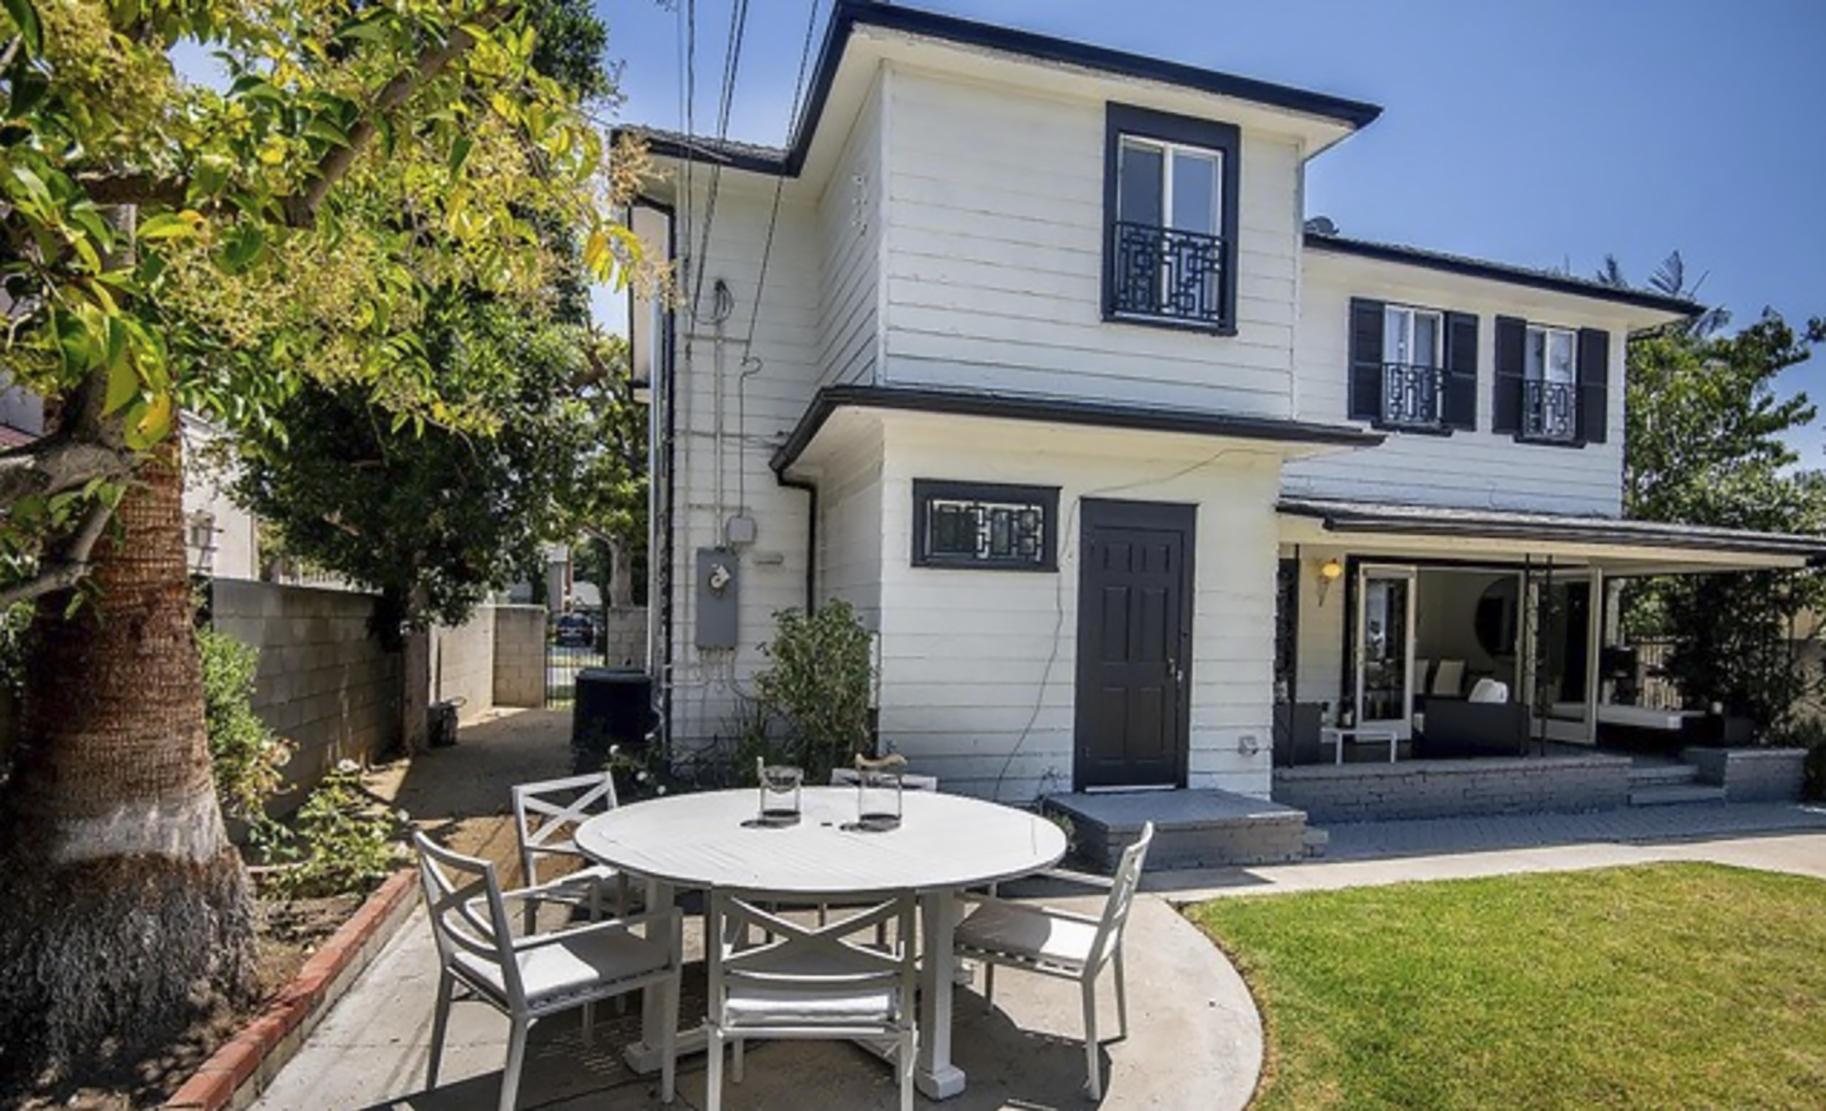 Ritorna in vendita l ex casa di Meghan Markle a Los Angeles dove viveva con il primo marito